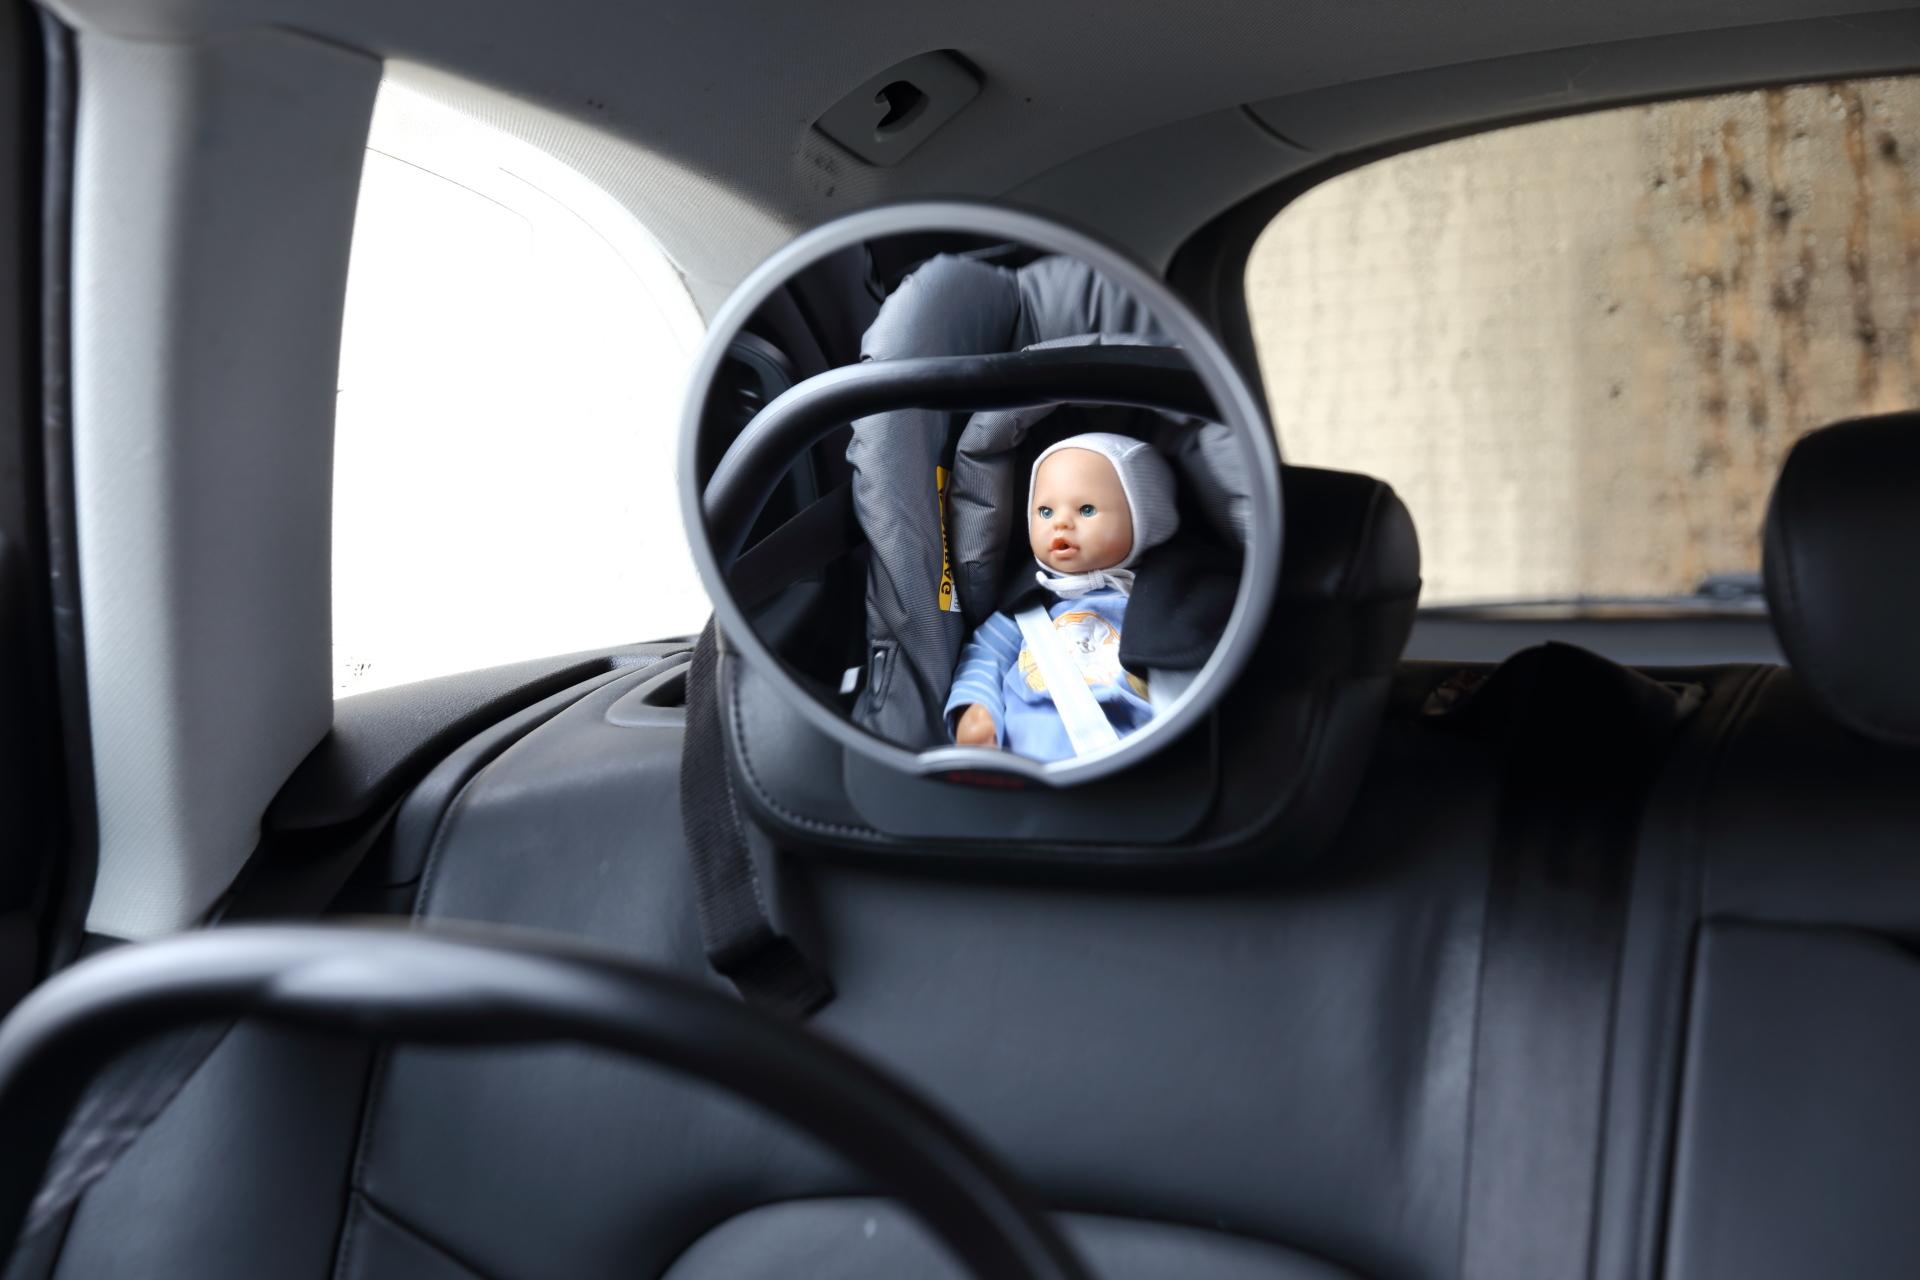 Spiegel Baby Auto : Garmin babycam und babyspiegel im vergleich u203a pocketnavigation.de